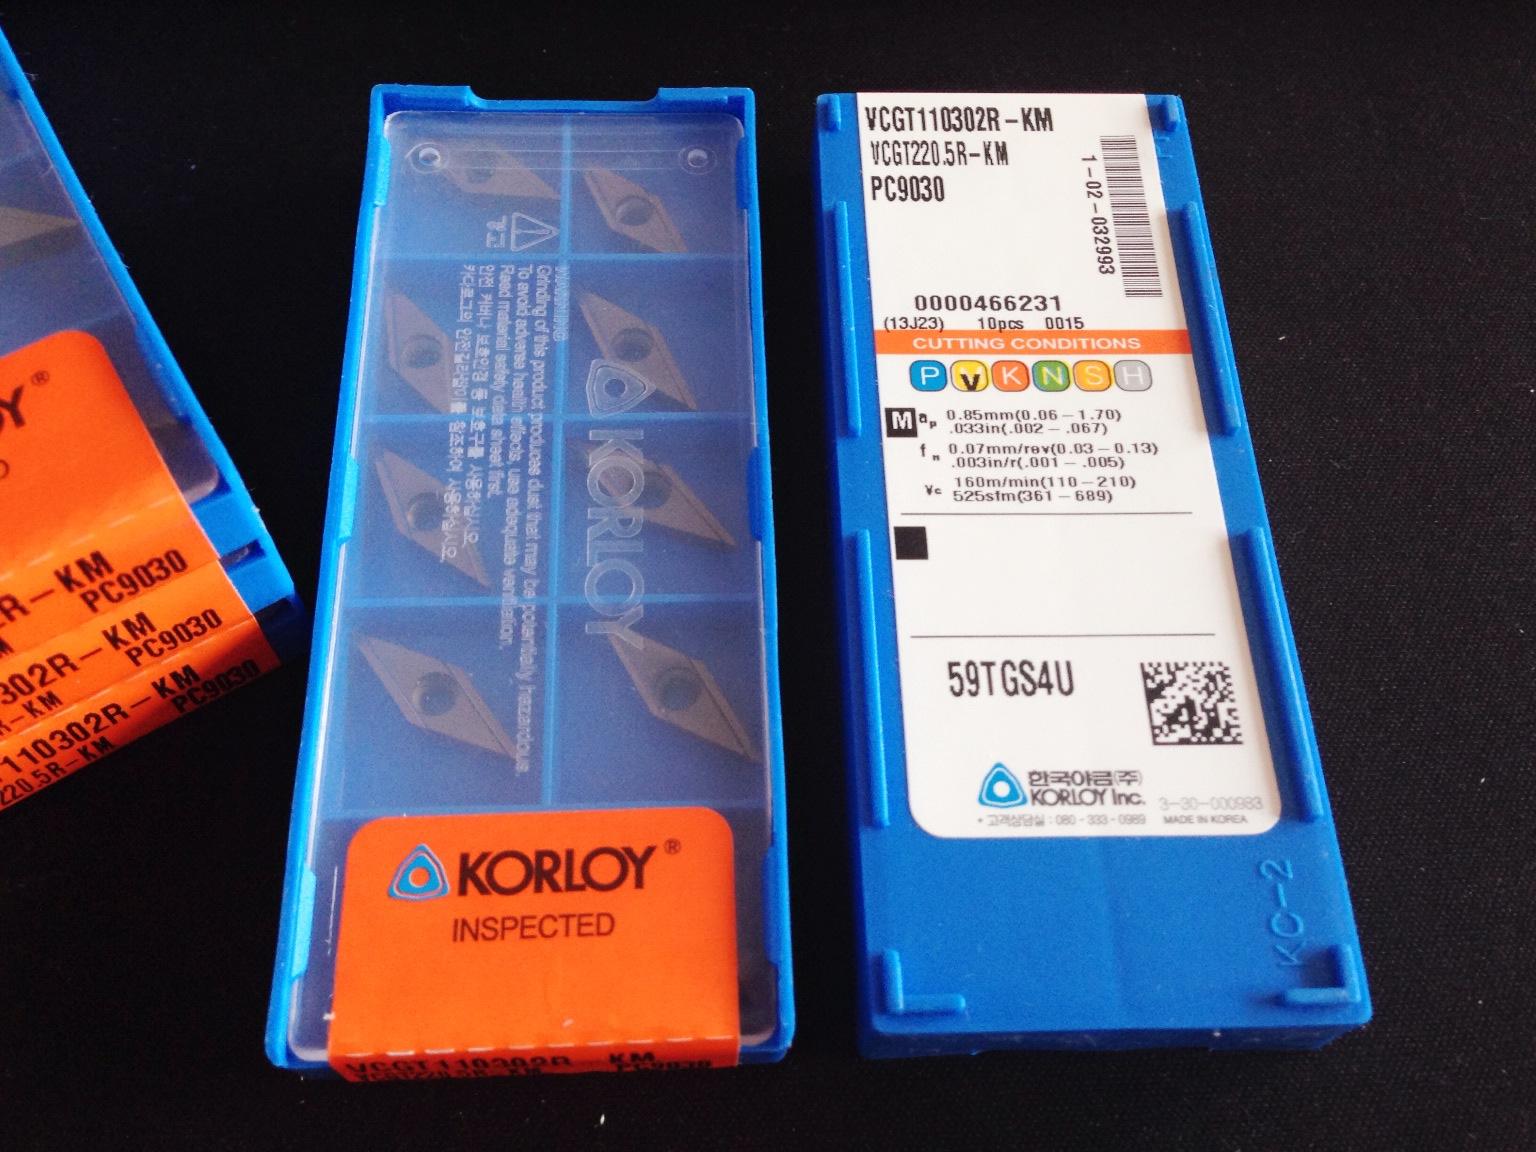 克劳伊KORLOY 数控刀片 VCGT110302R-KM PC9030订购